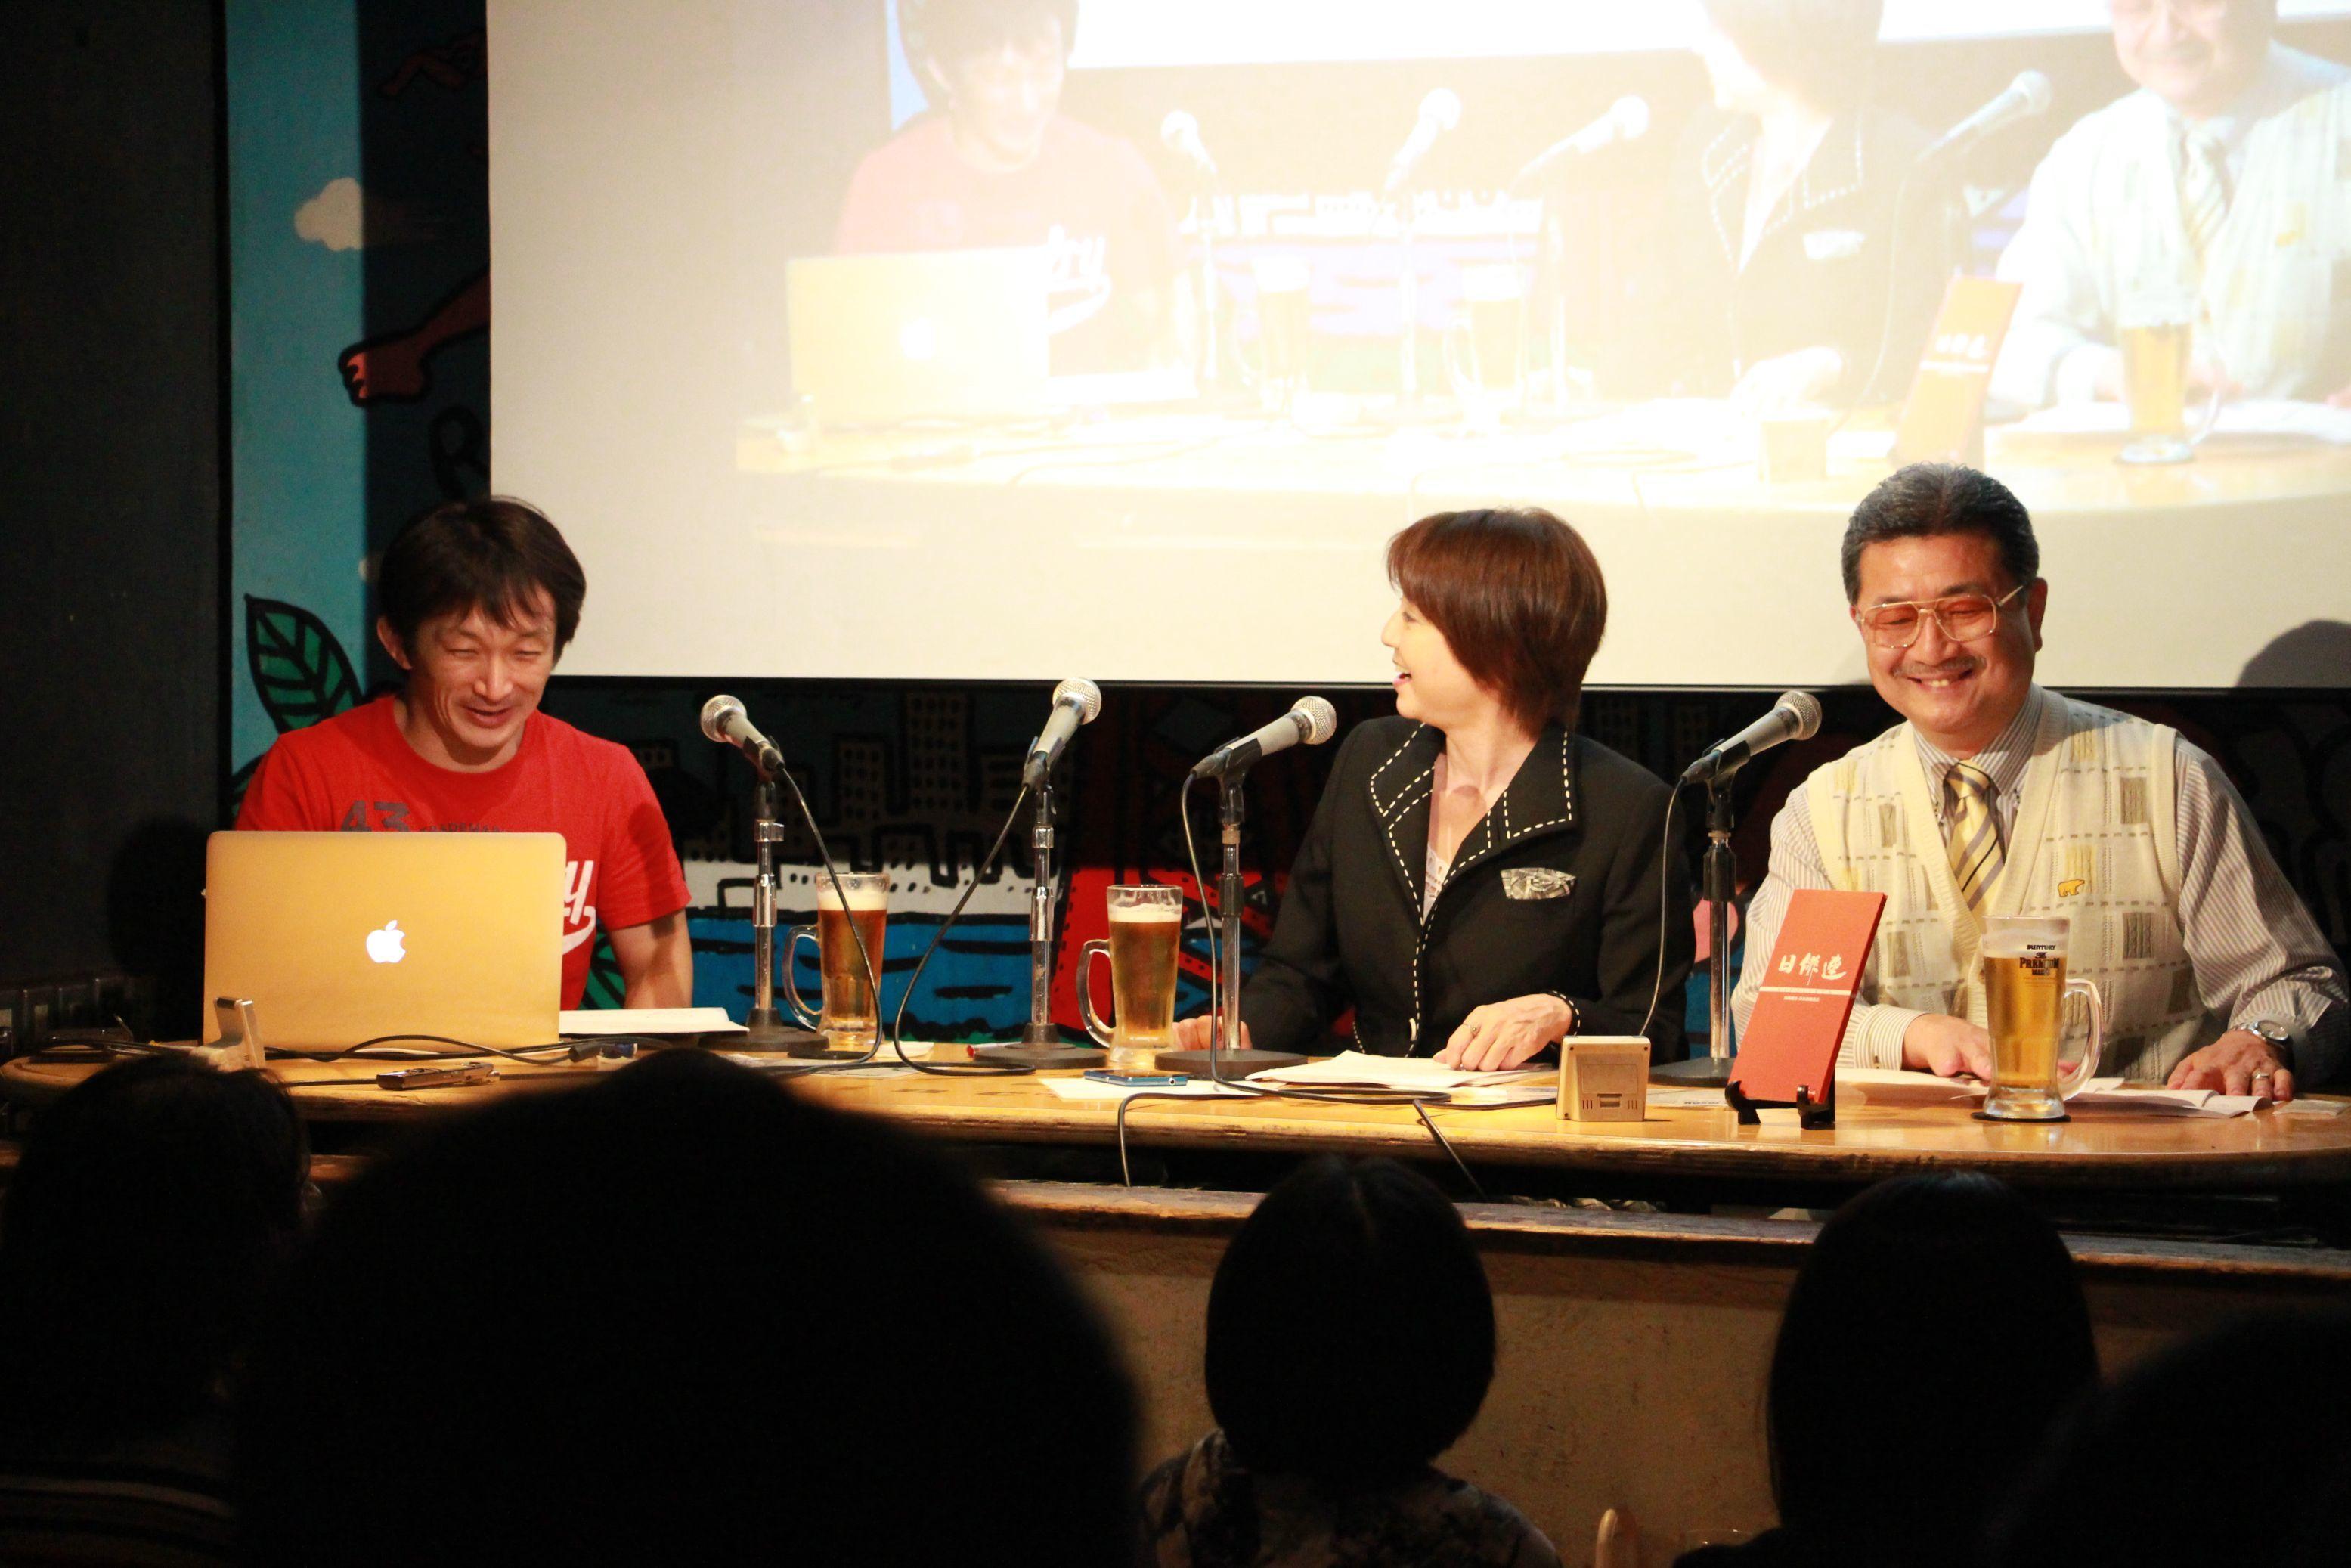 左から、谷垣健治氏、飯星景子氏、髙瀬將嗣氏